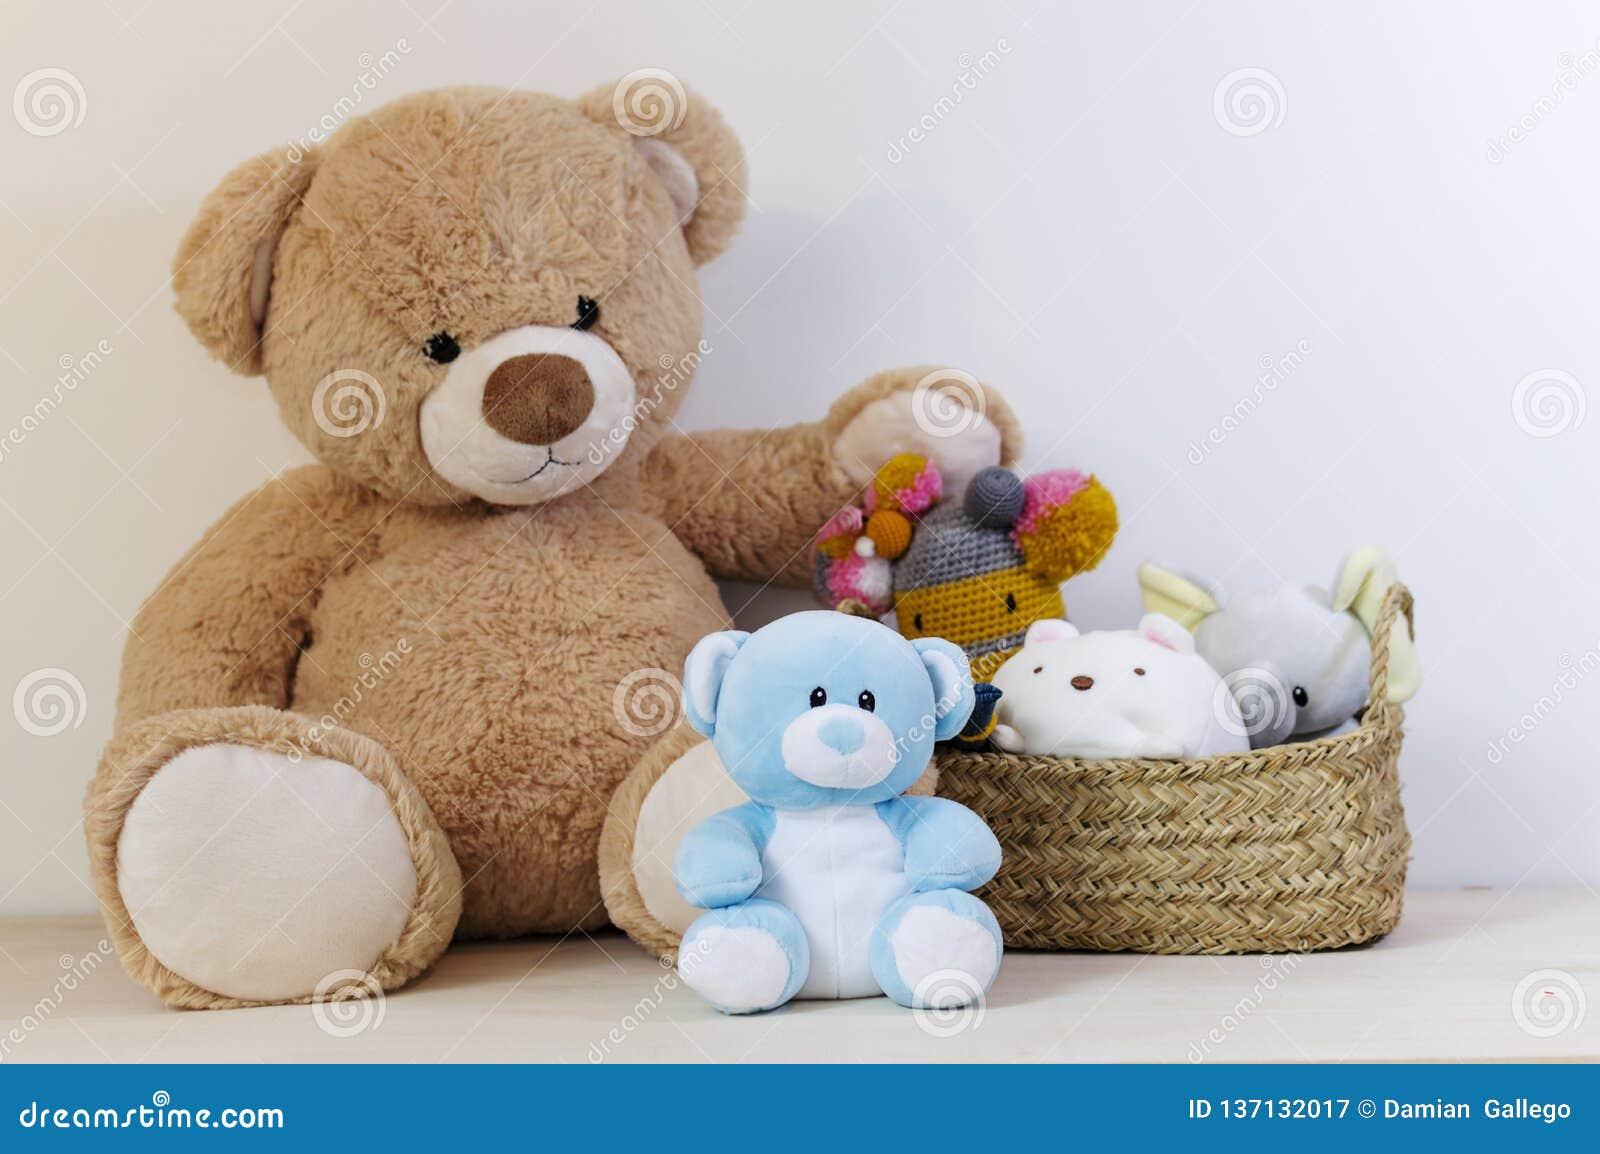 Osos de peluche con juguetes y cesta rellenos